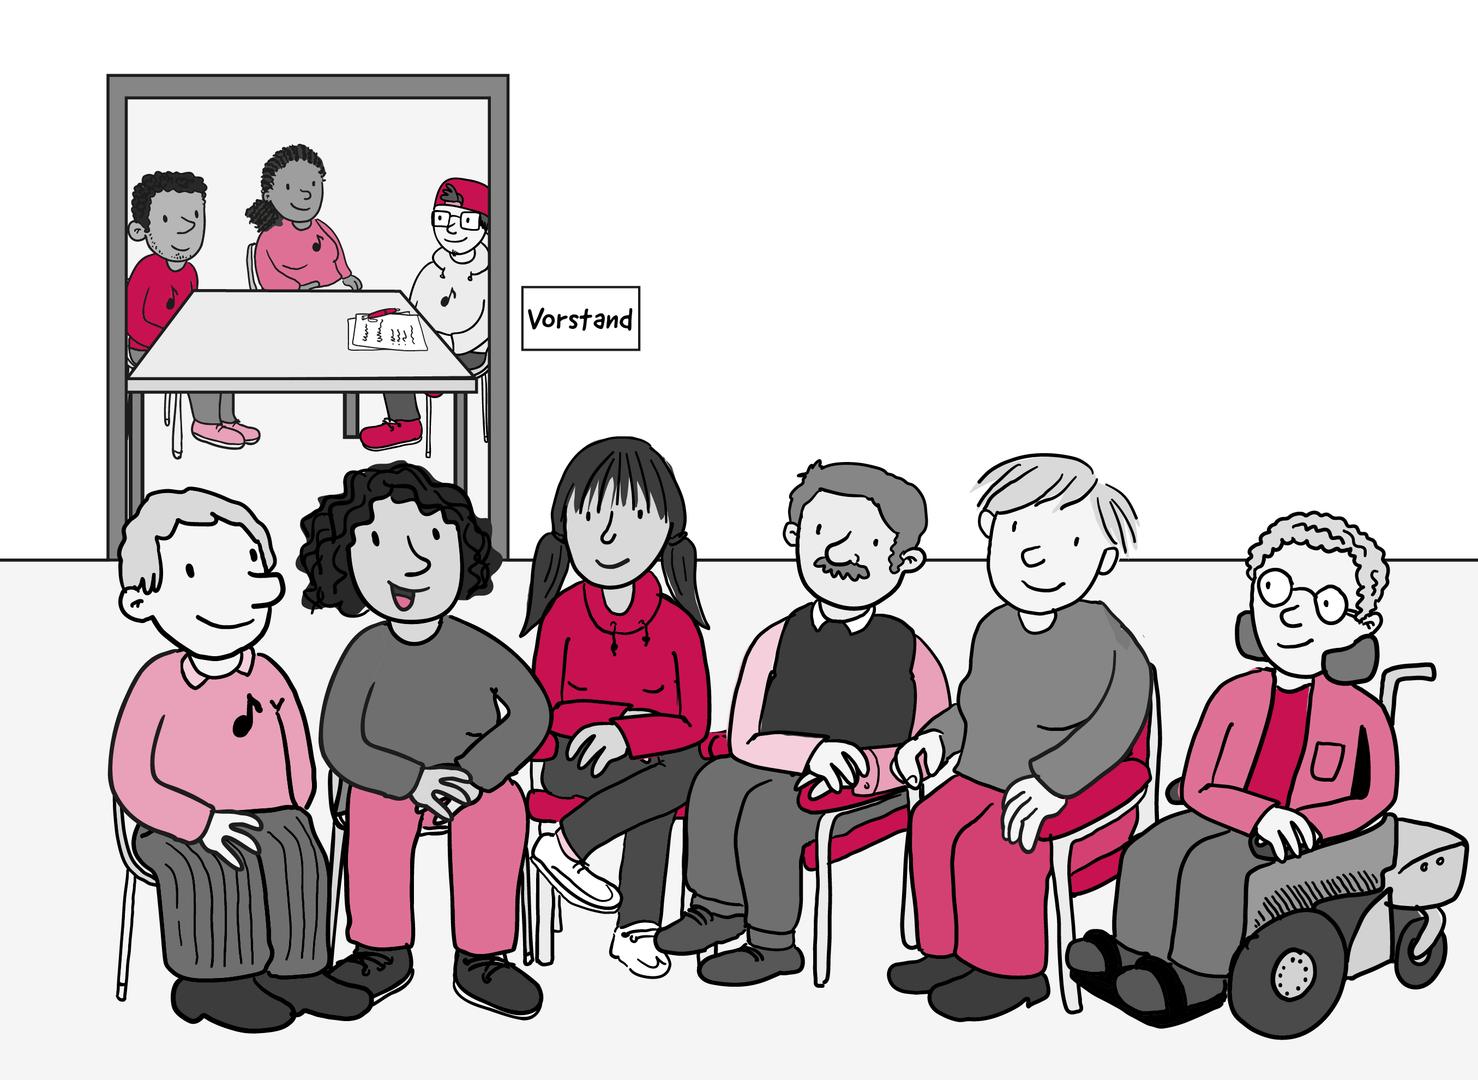 In einem Raum sitzen 6 Personen und unterhalten sich. Hinter ihnen ist ein weiterer kleinerer Raum. Darin sitzen 3 Menschen mit Papier und Stift an einem Tisch. Auf dem Tür-Schild steht: Vorstand